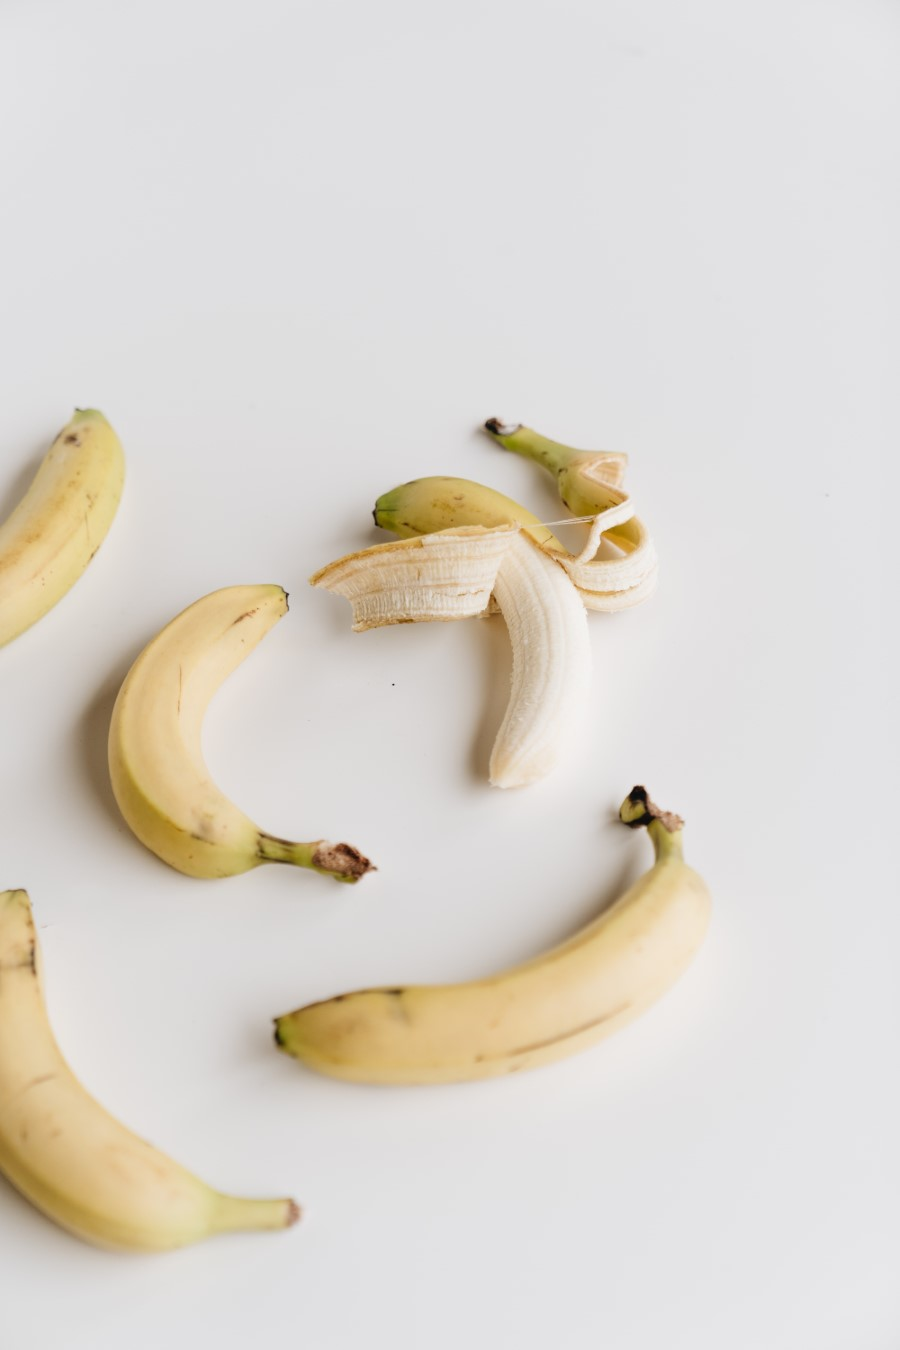 Γιατί θα πρέπει να σκεφτείς την κατανάλωση μίας μπανάνας πριν τον βραδινό ύπνο;